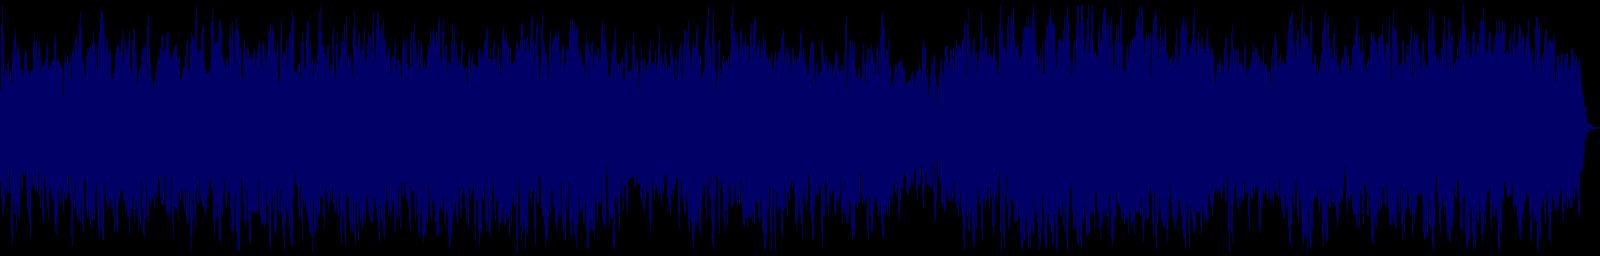 waveform of track #132292